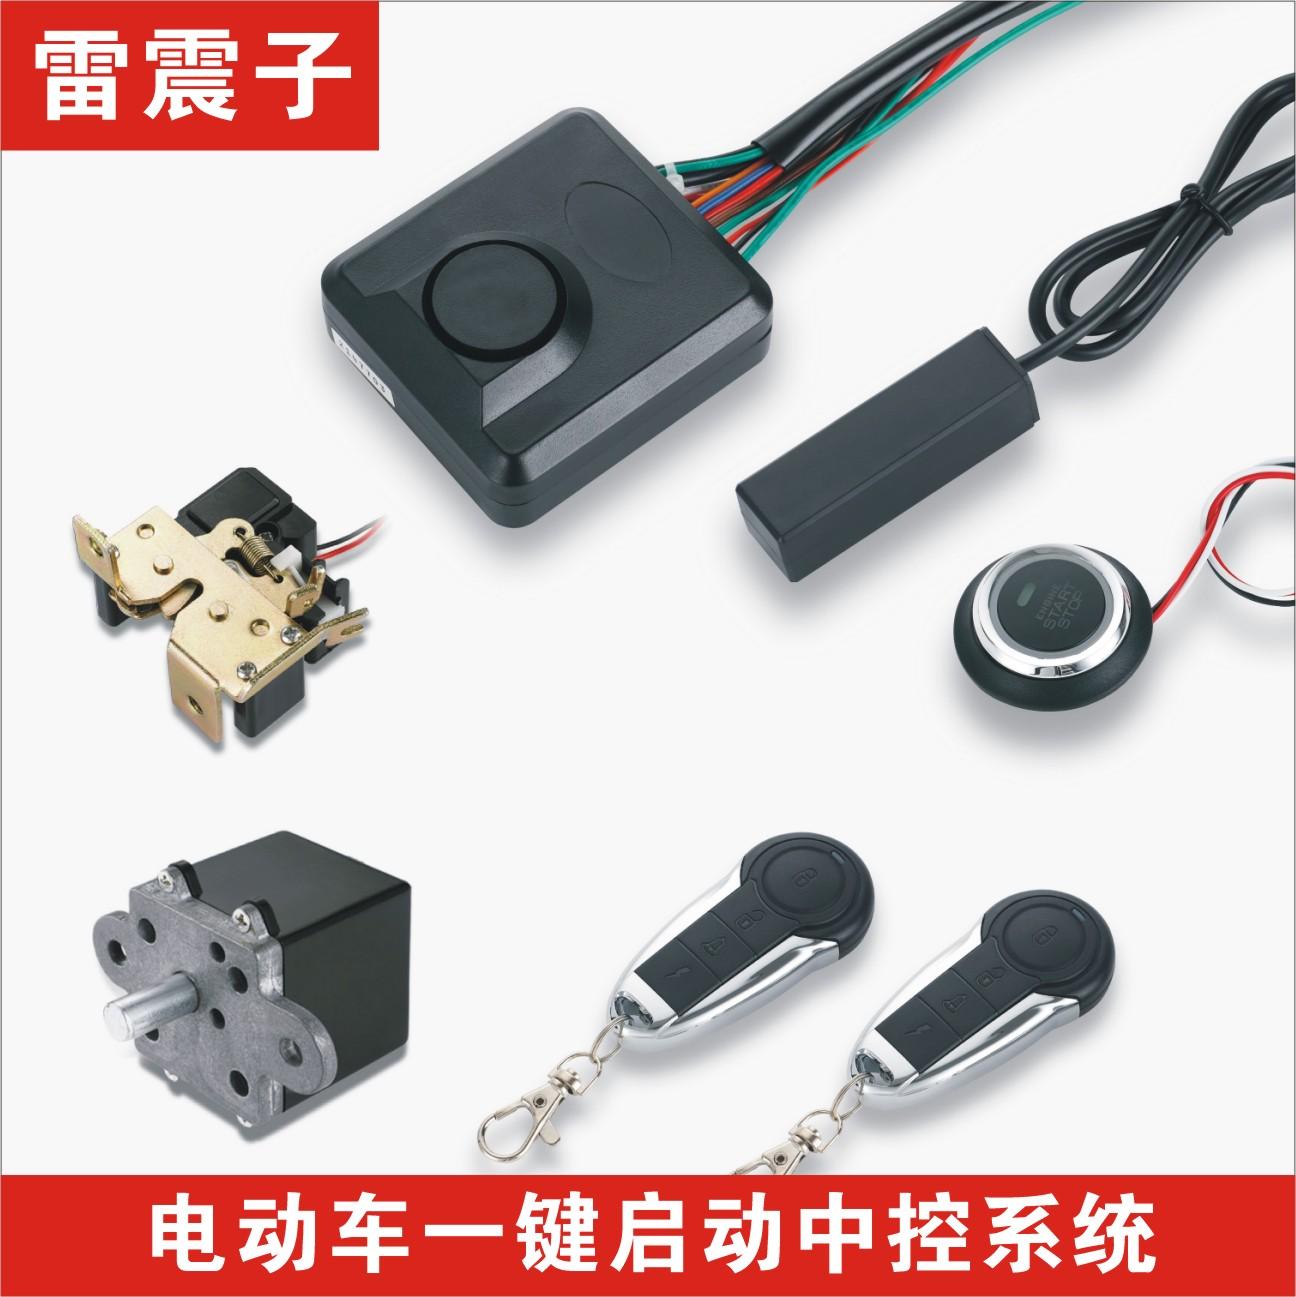 雷震子电动车一键启动小龟踏板智能感应防盗报警器改装龙头坐垫锁